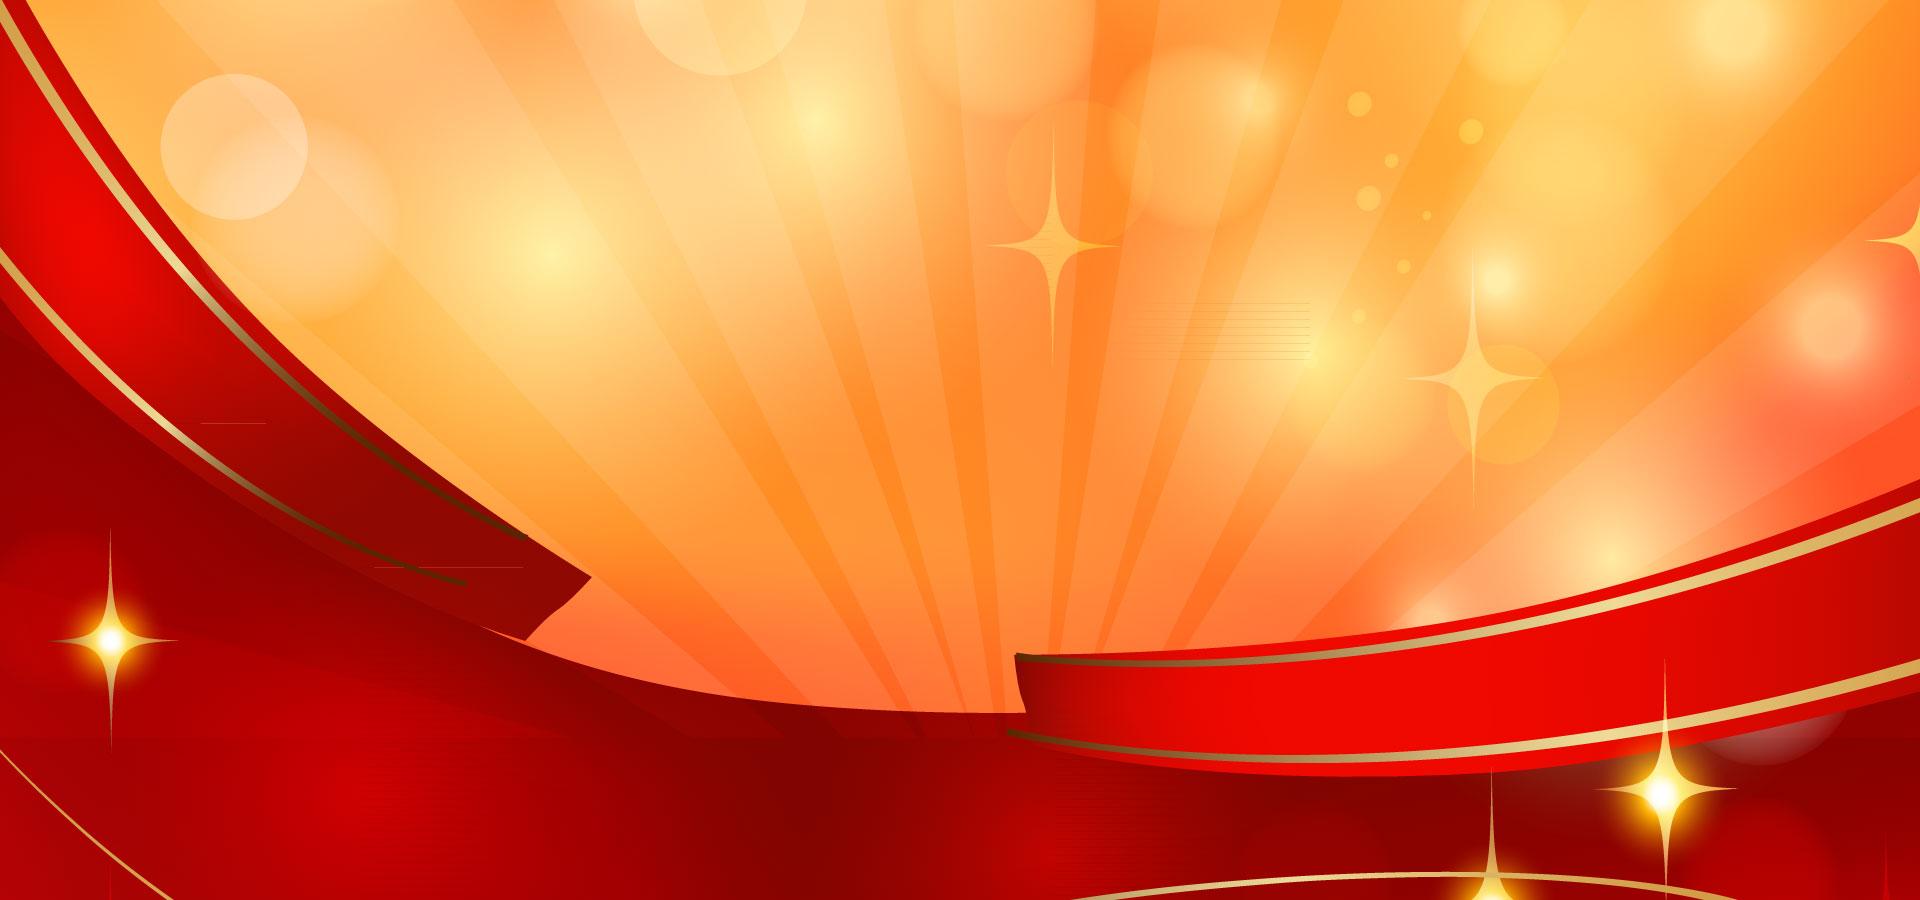 laranja background amarelo fita vermelha celebra u00e7 u00e3o imagem